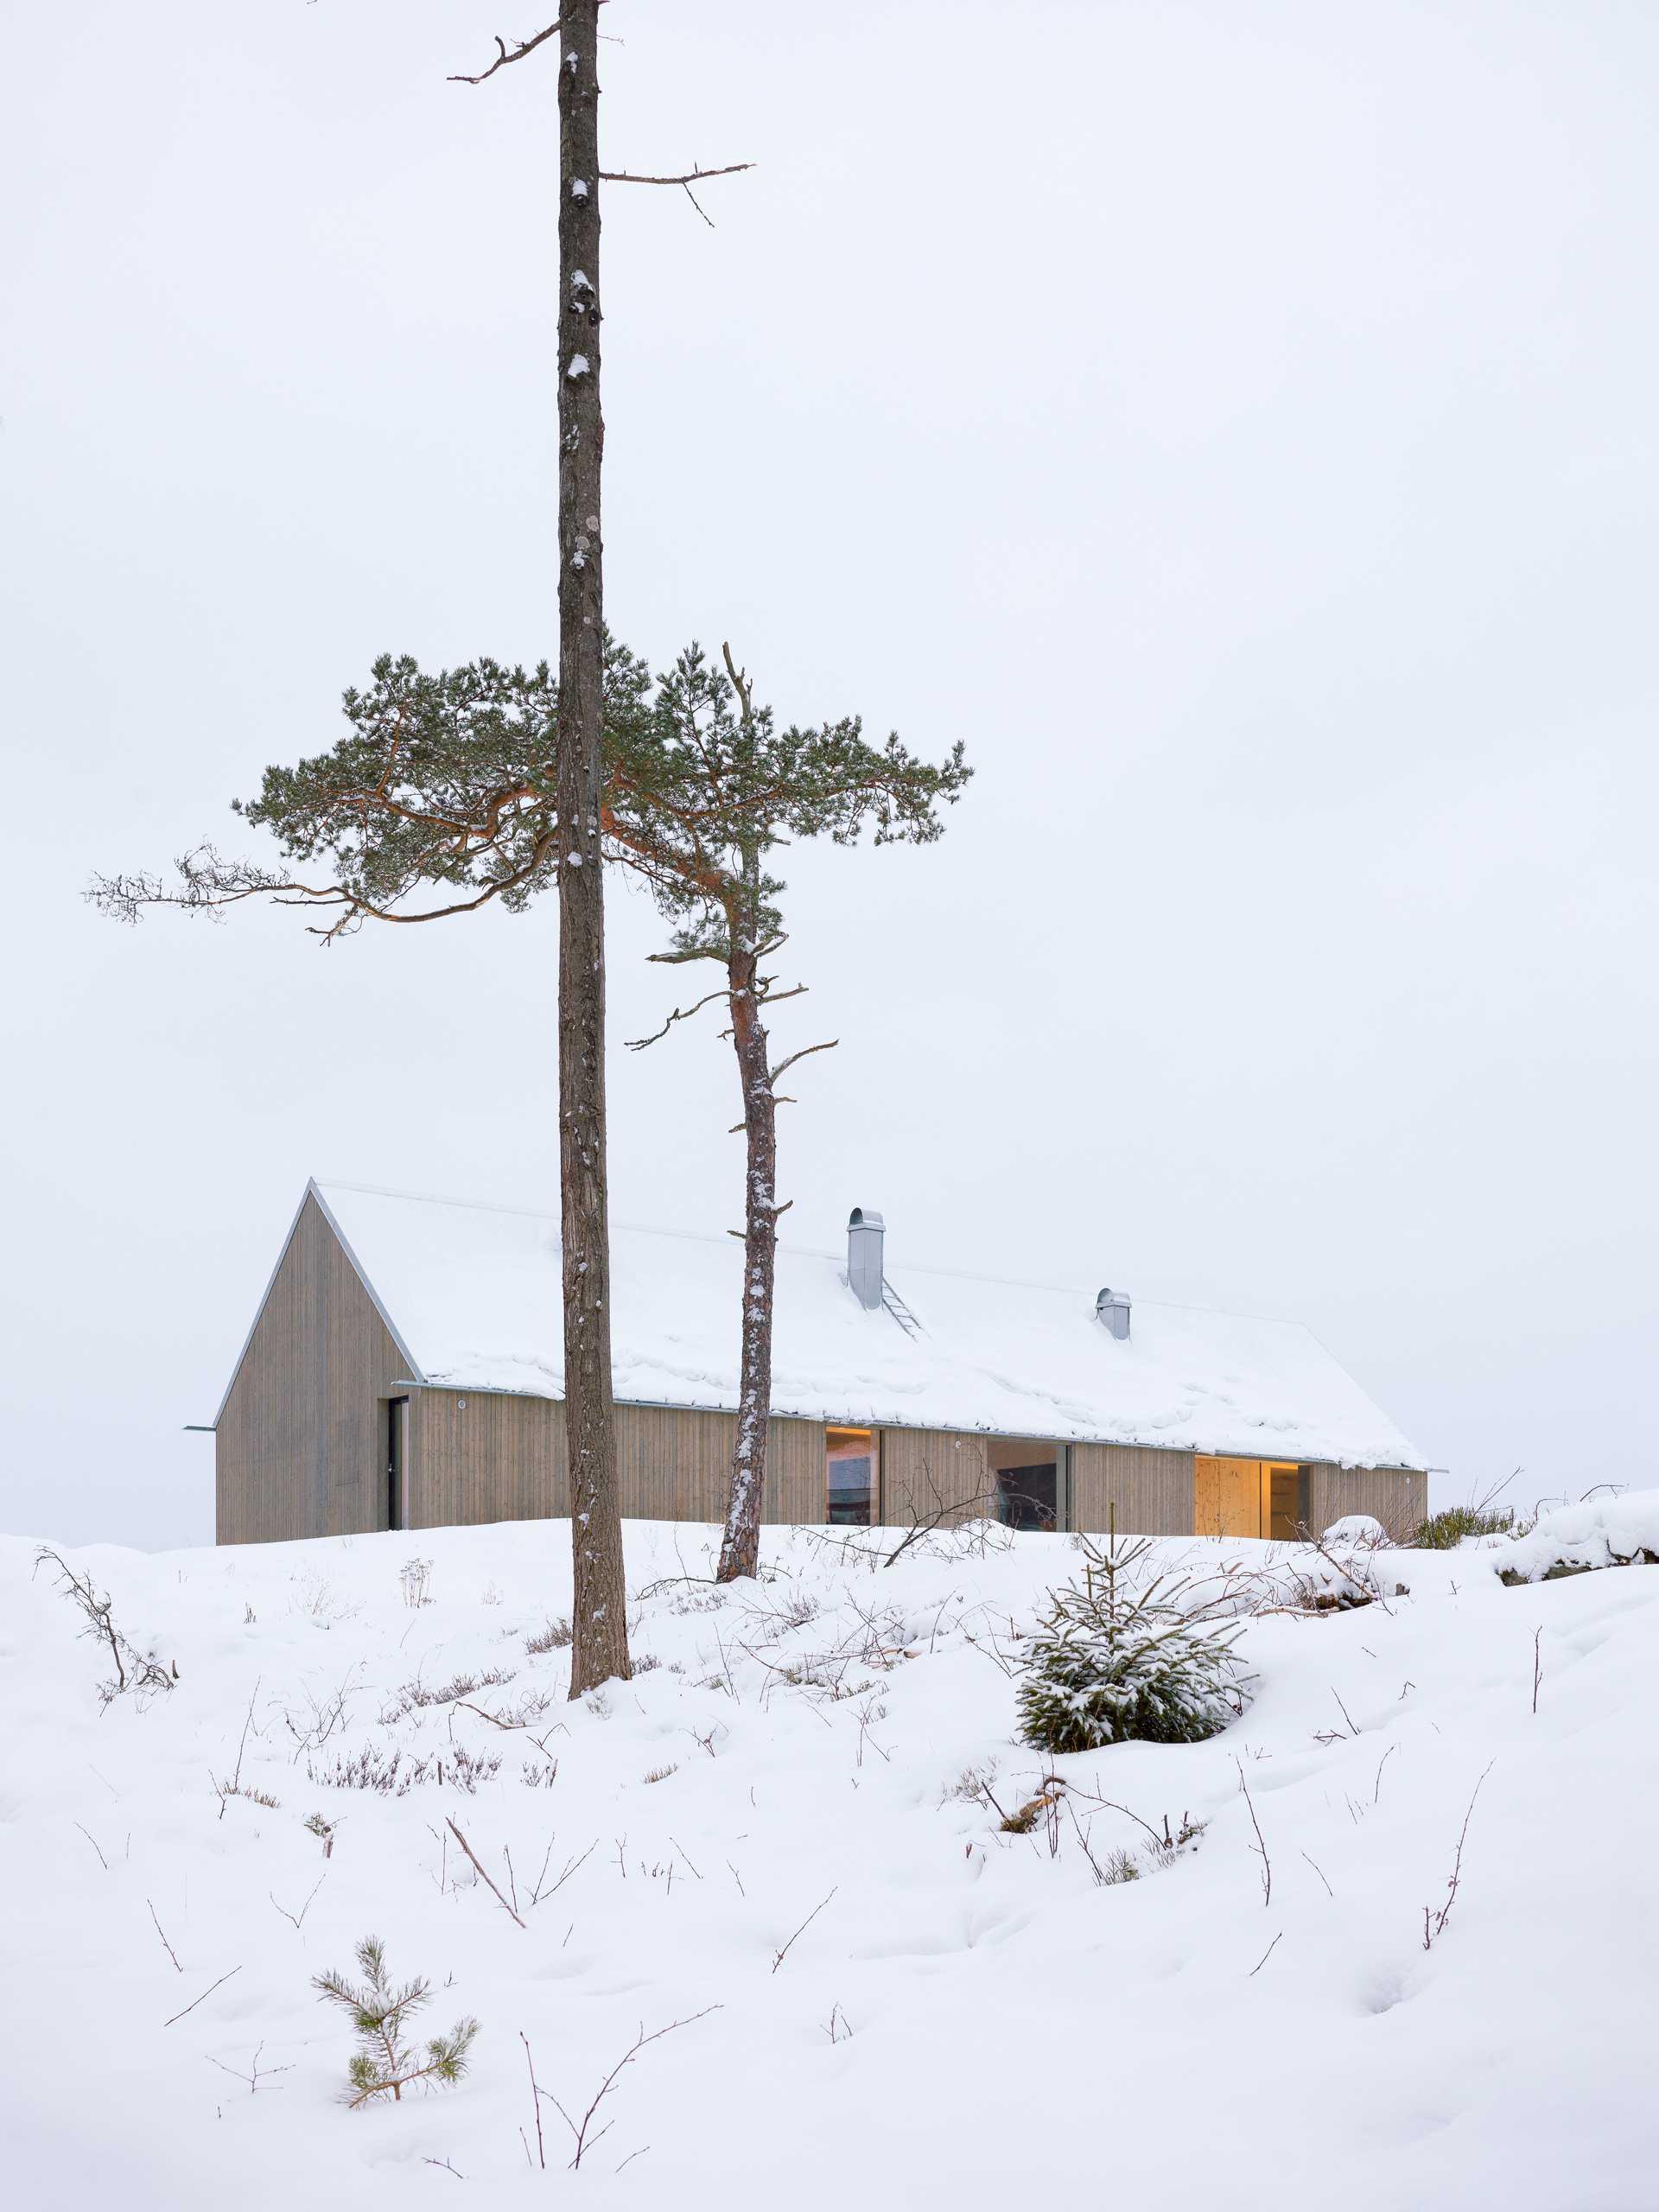 Dasland Cabin  - 01 daslund 30